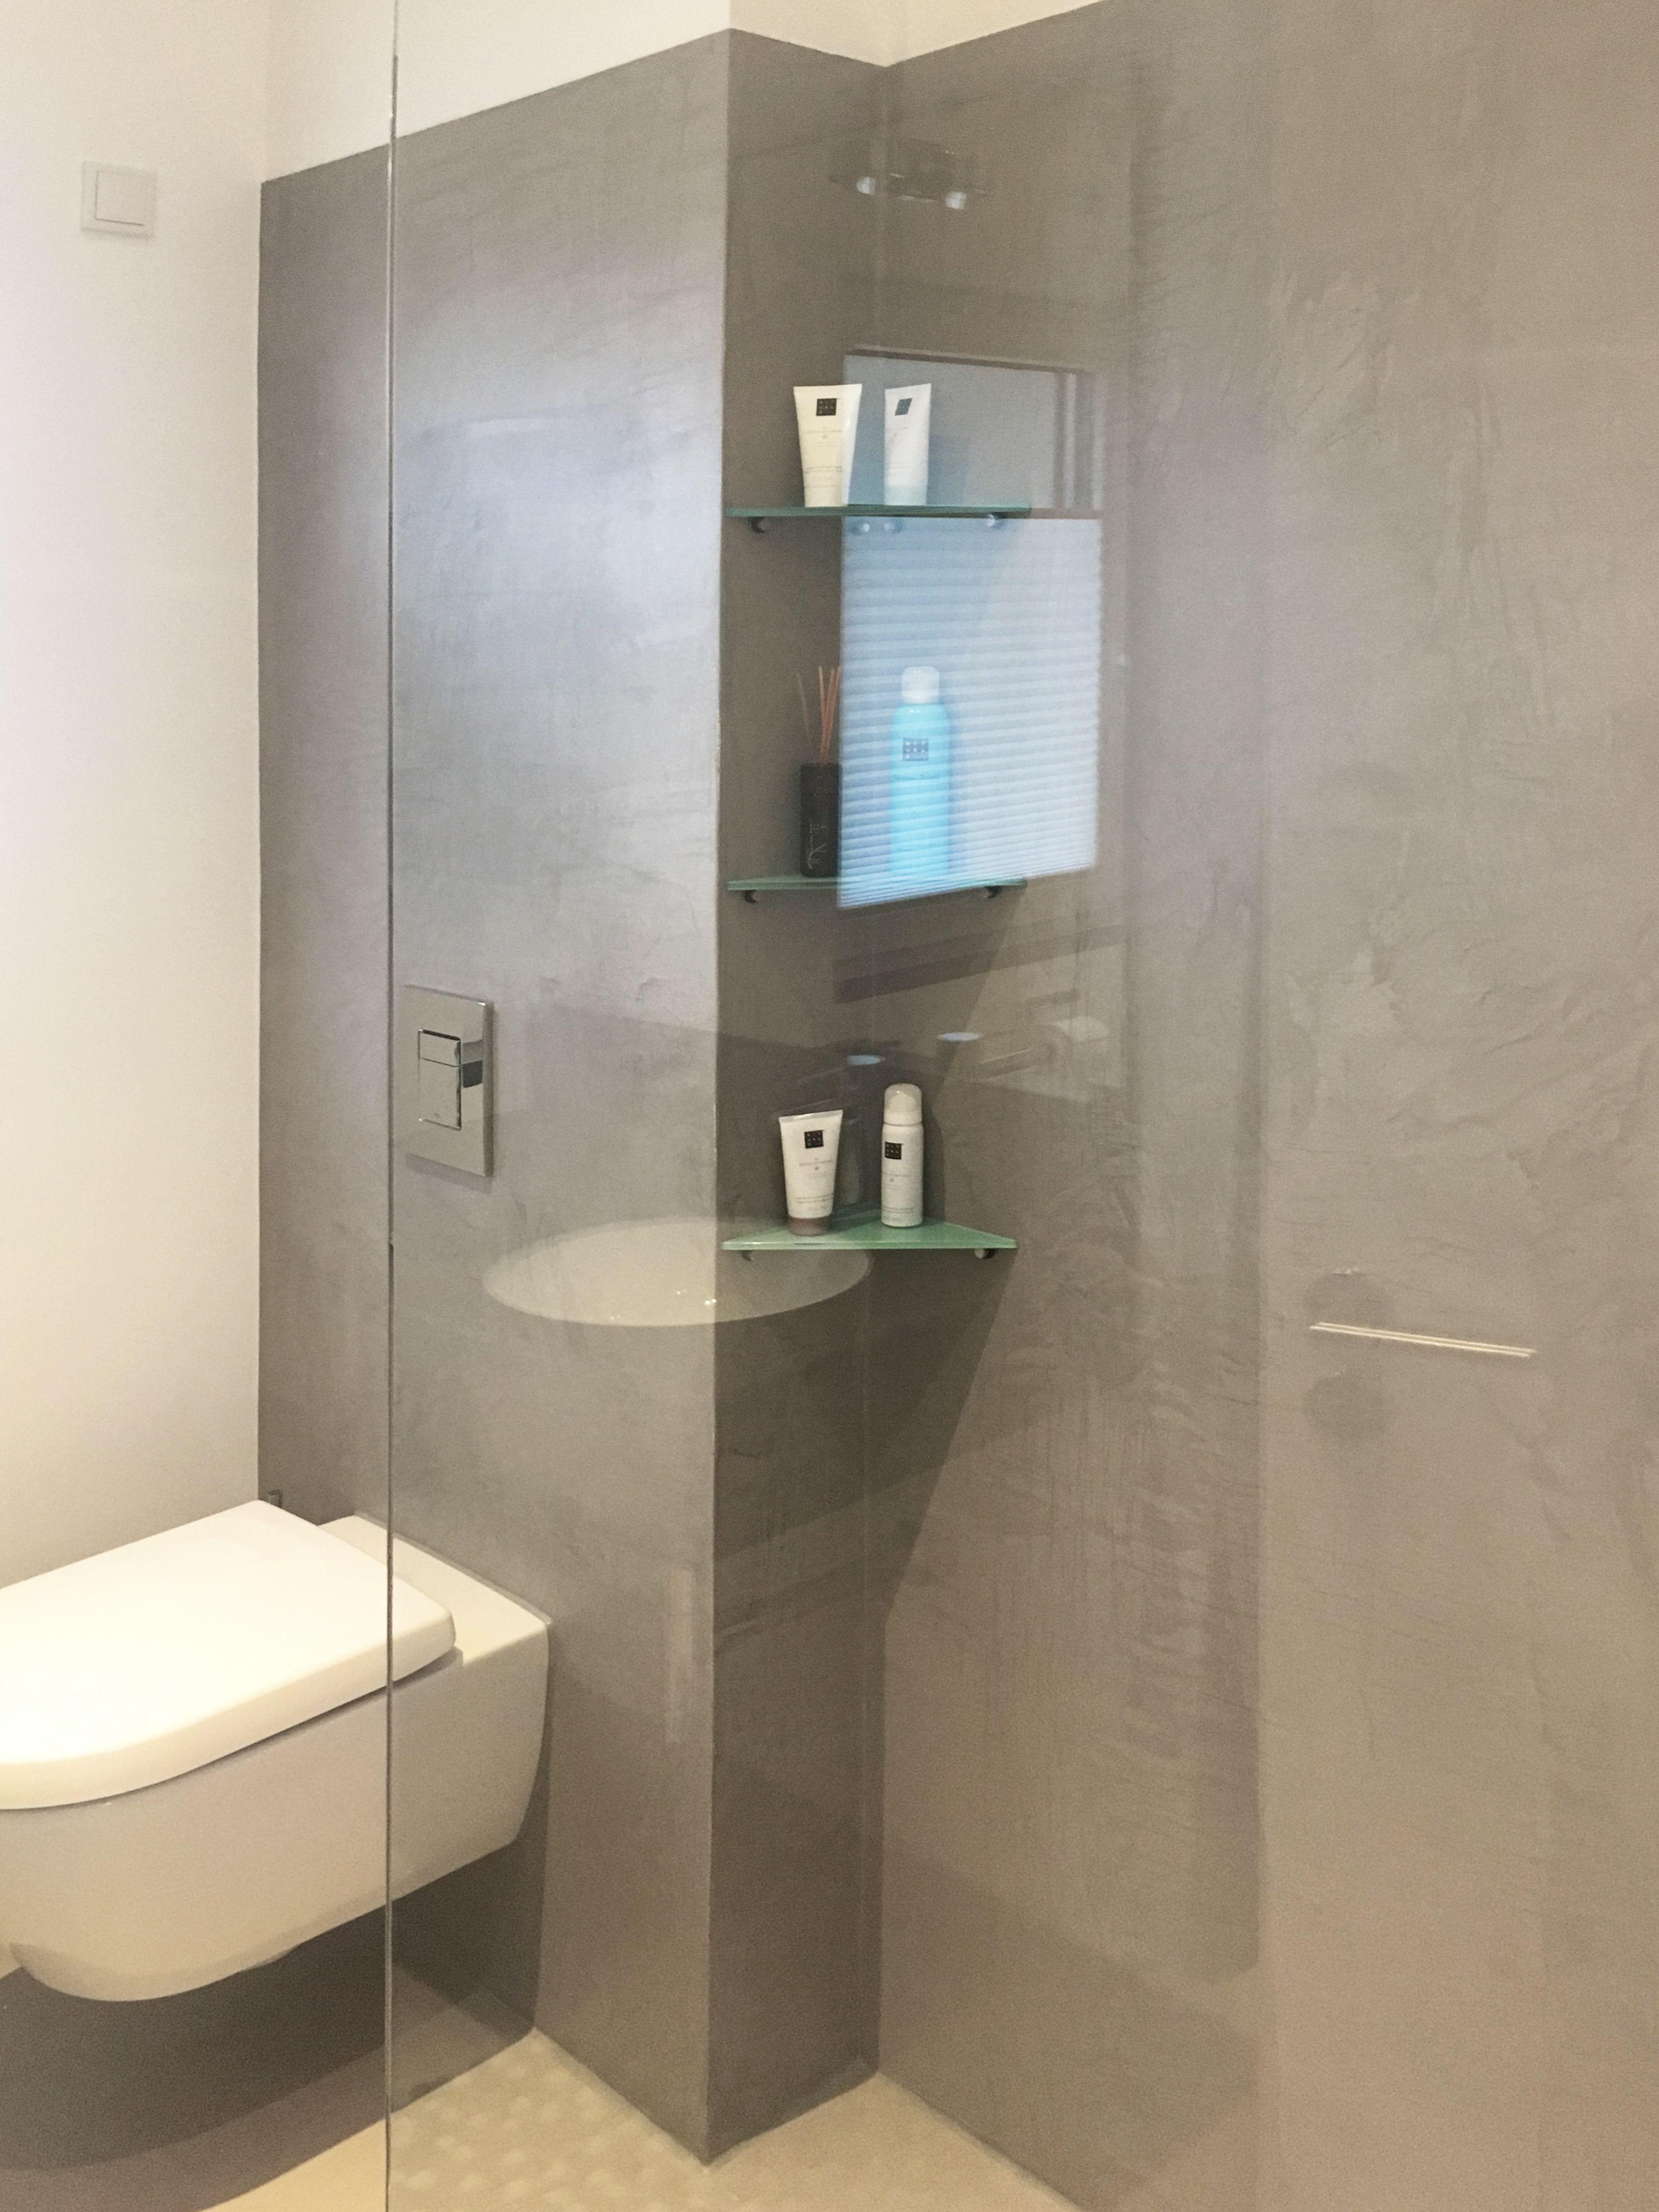 Fugenlose Badgestaltung - Fugenlose Oberflächen am Fussboden, Wand